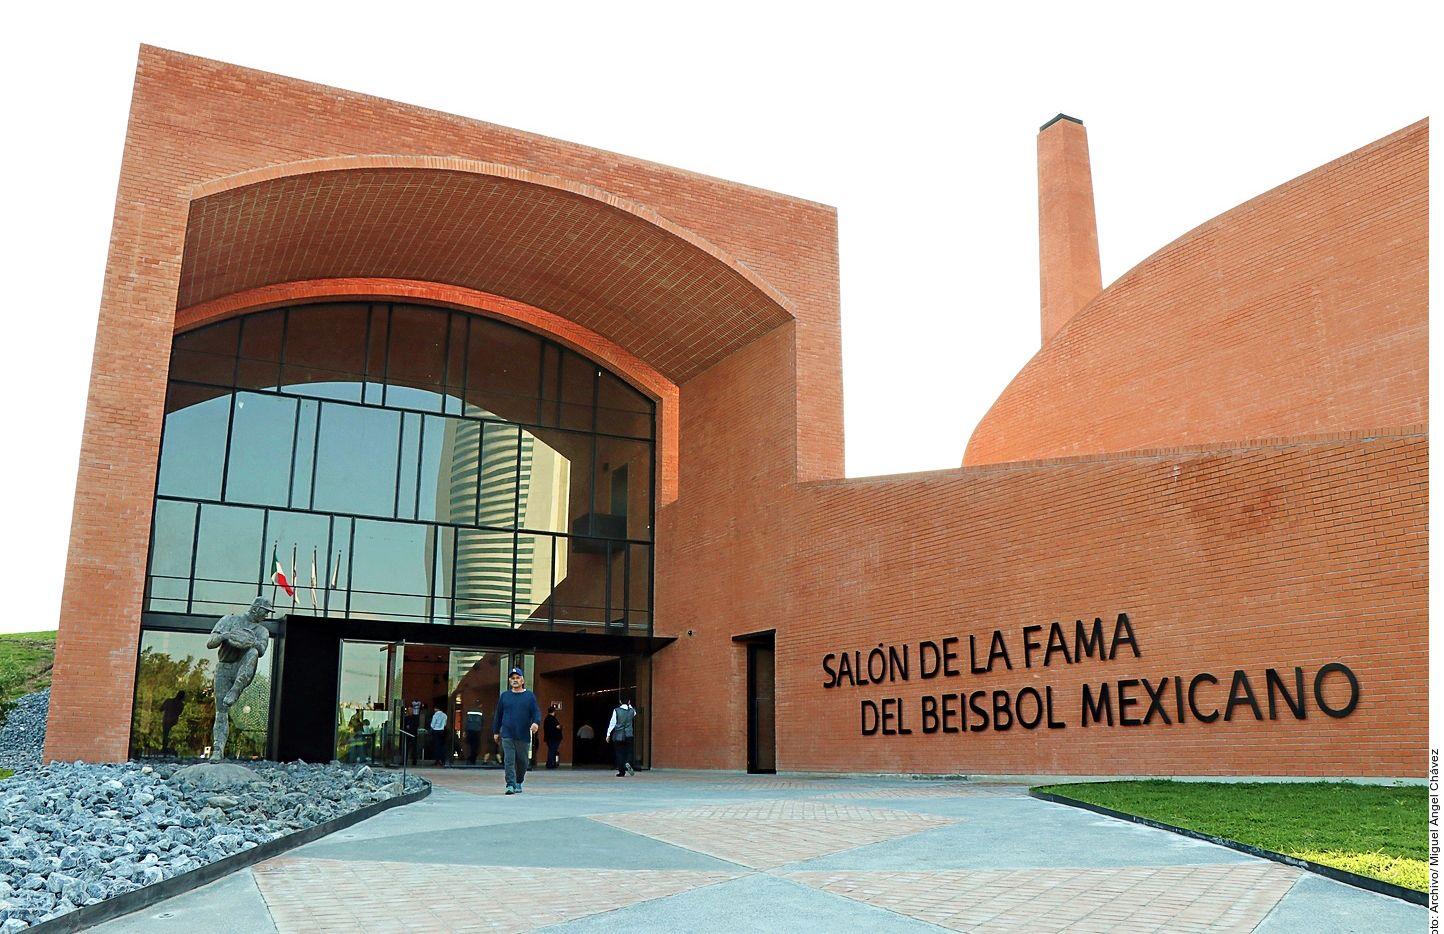 """El Salón de la Fama del Beisbol Mexicano cuenta con una biblioteca con un acervo infantil y juvenil, museo de jaulas de bateo y pitcheo, simulador de bateo 3D y la exhibición temporal """"Grand Slam del Arte"""" del Museo de Filatelia de Oaxaca. AGENCIA REFORMA"""